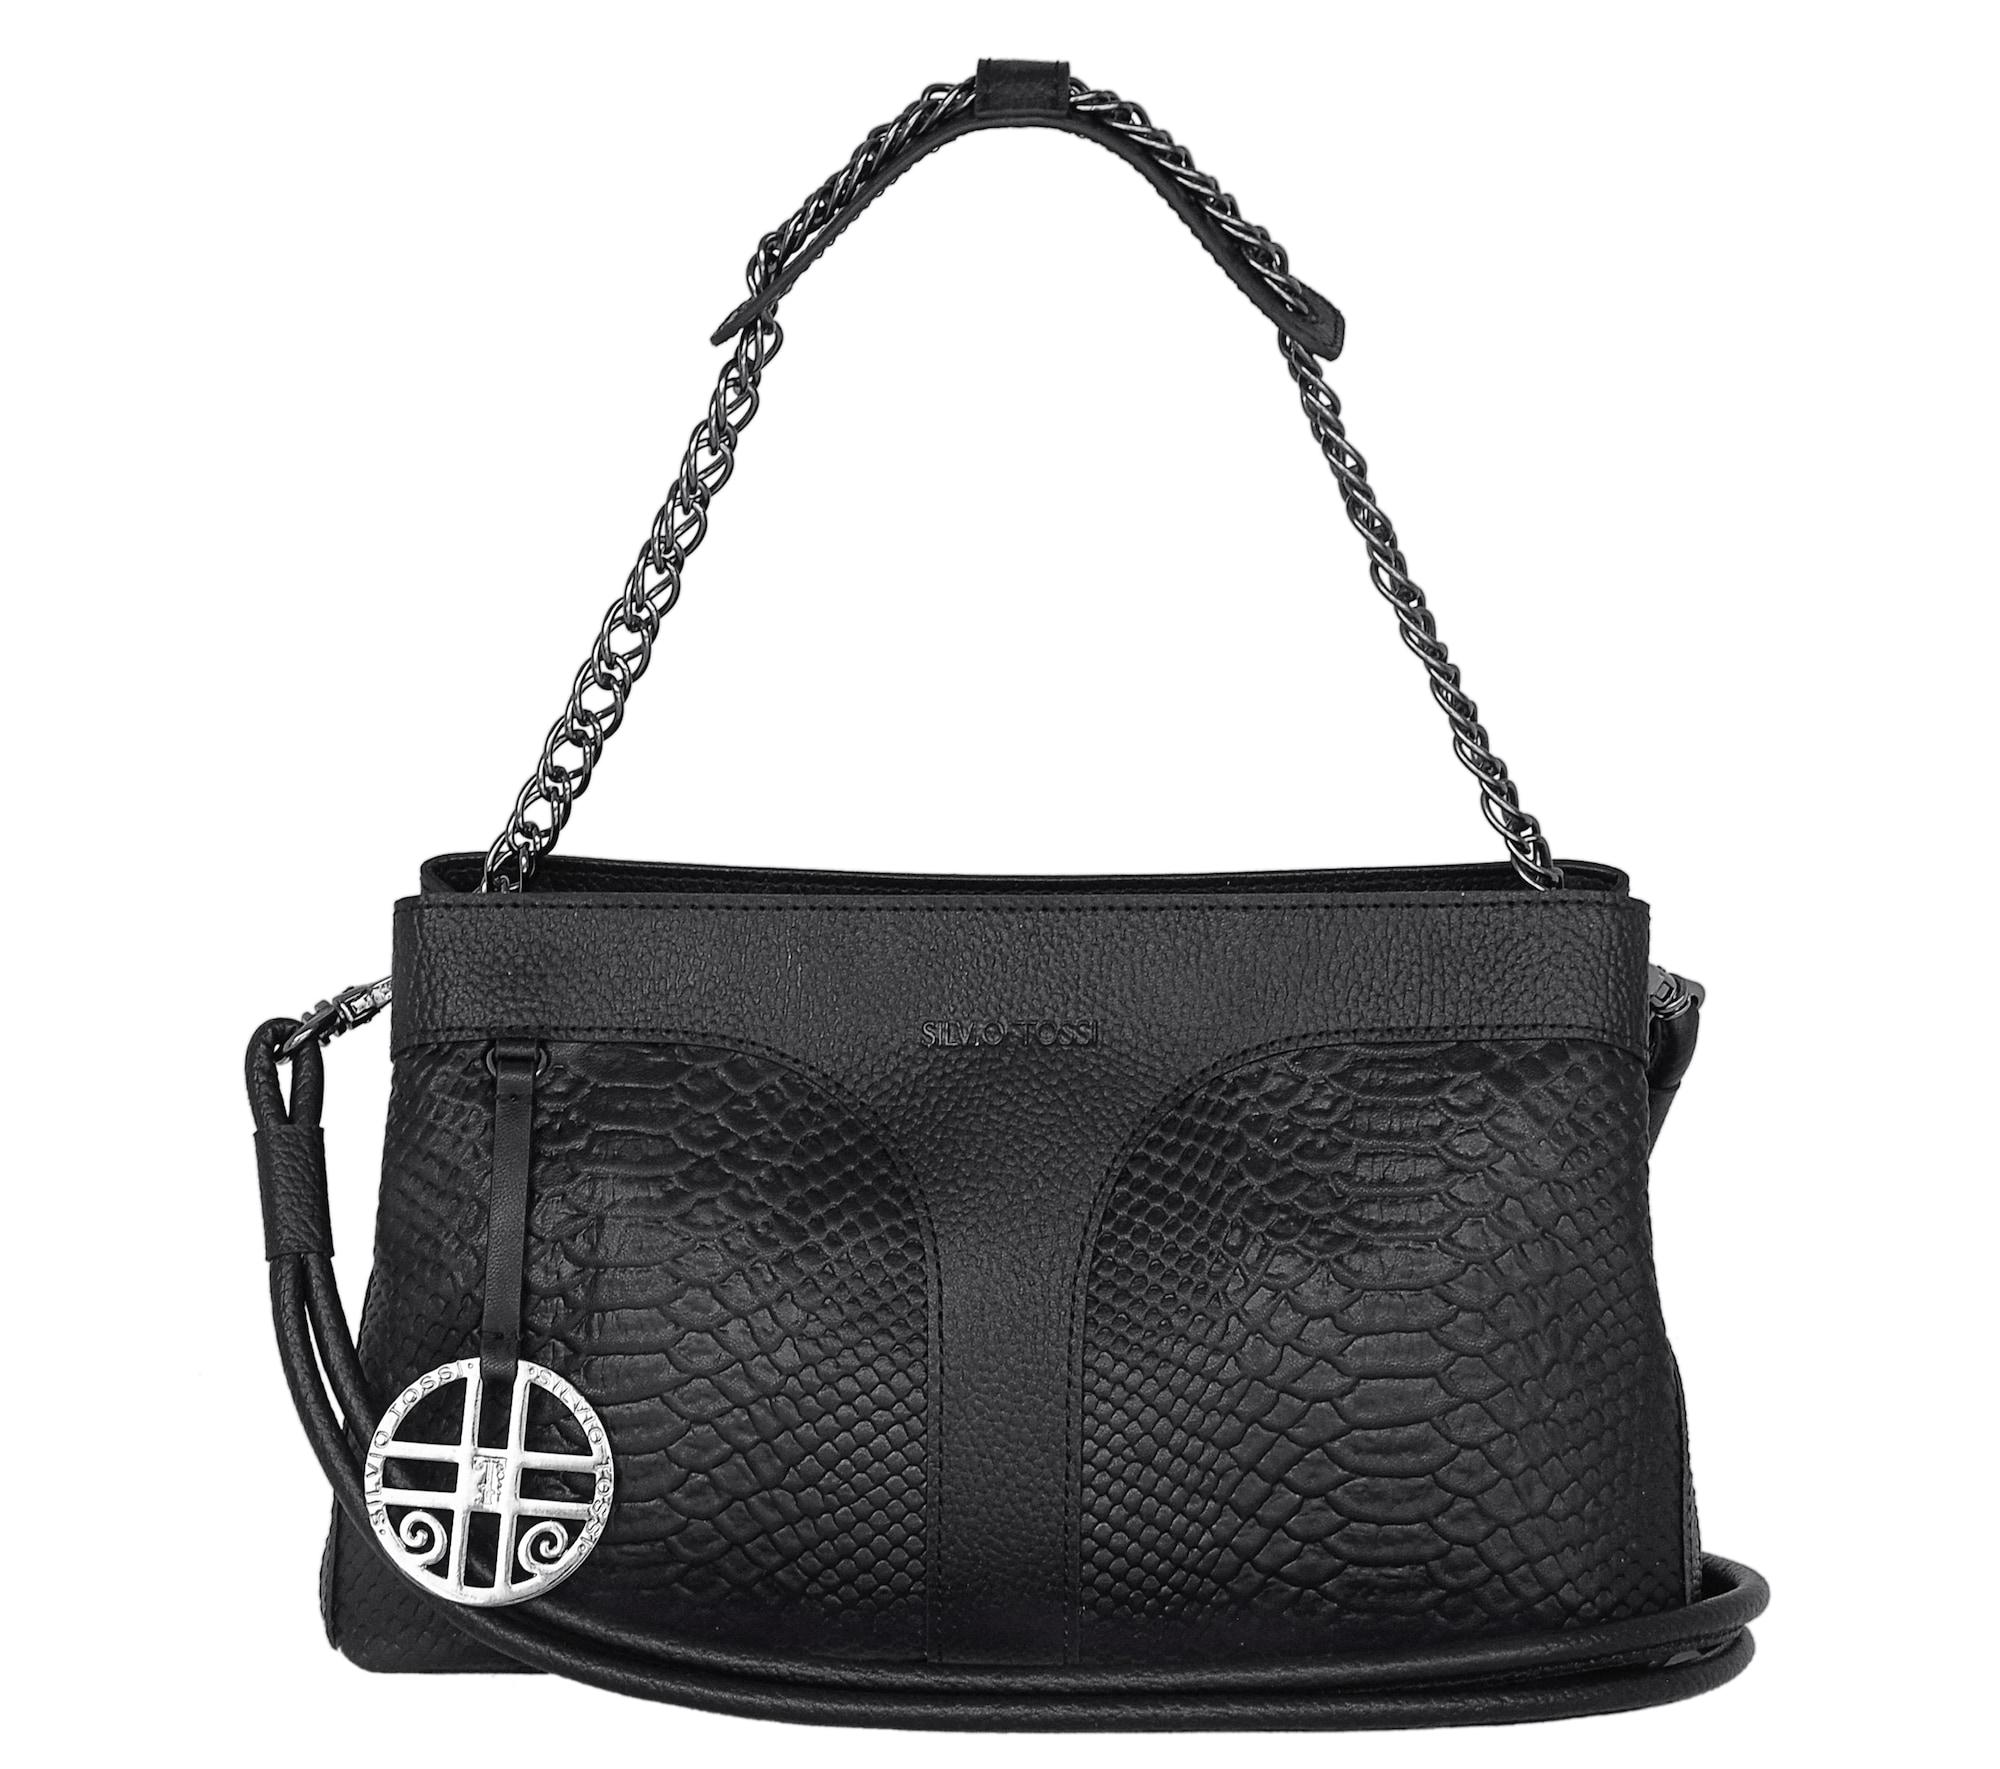 Schultertasche | Taschen > Handtaschen > Schultertaschen | Schwarz | Silvio Tossi